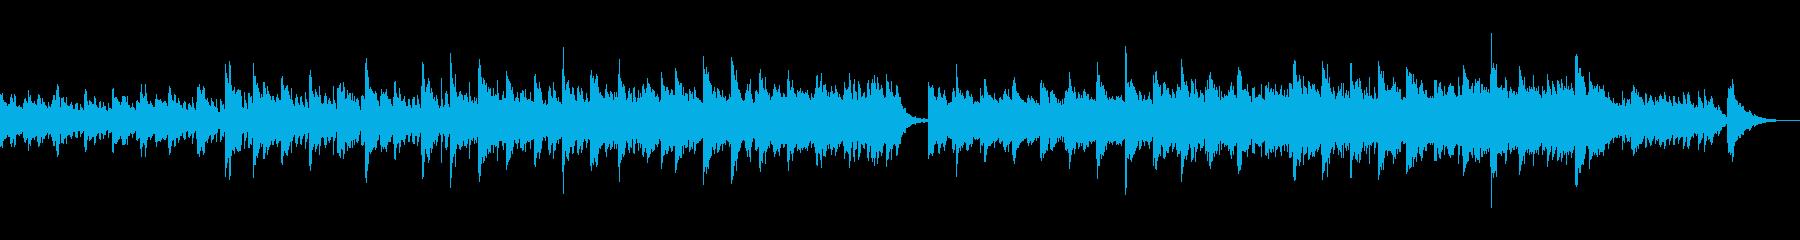 エレクトロ 交響曲 アンビエント ...の再生済みの波形